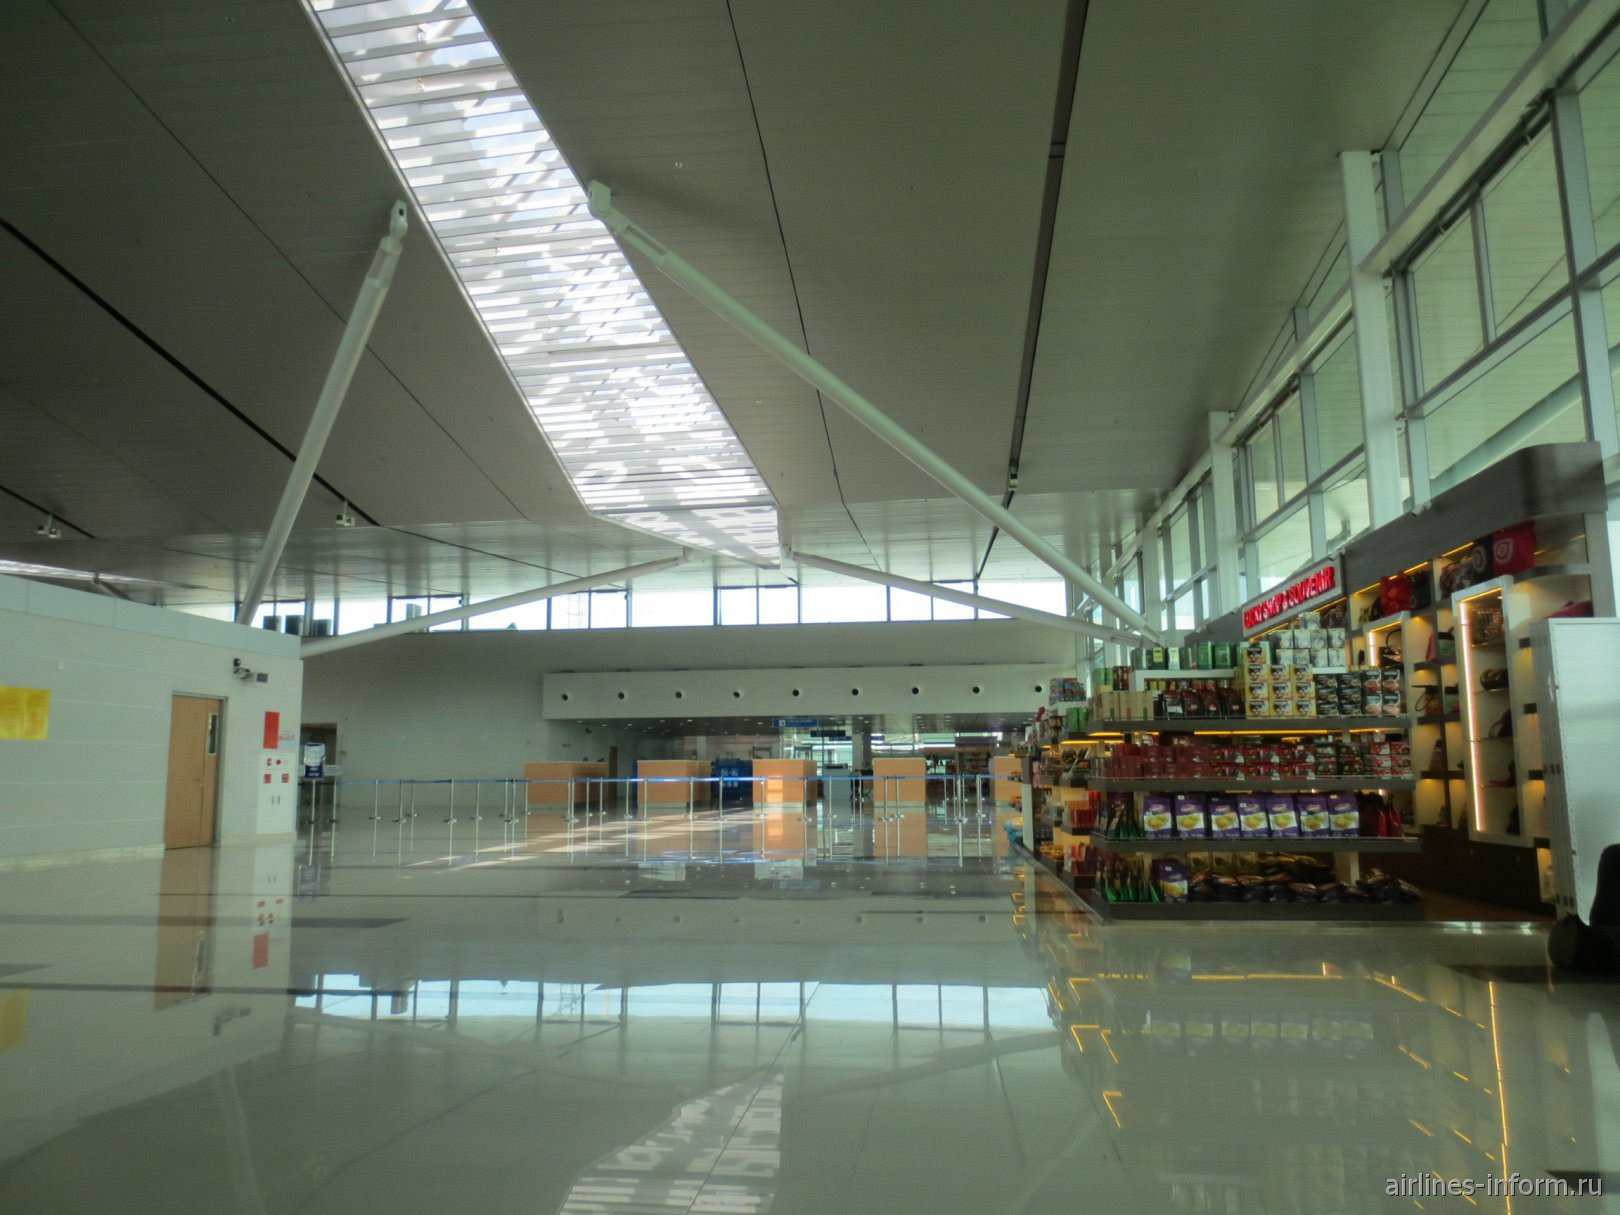 В пассажирском терминале аэропорта Фукуок